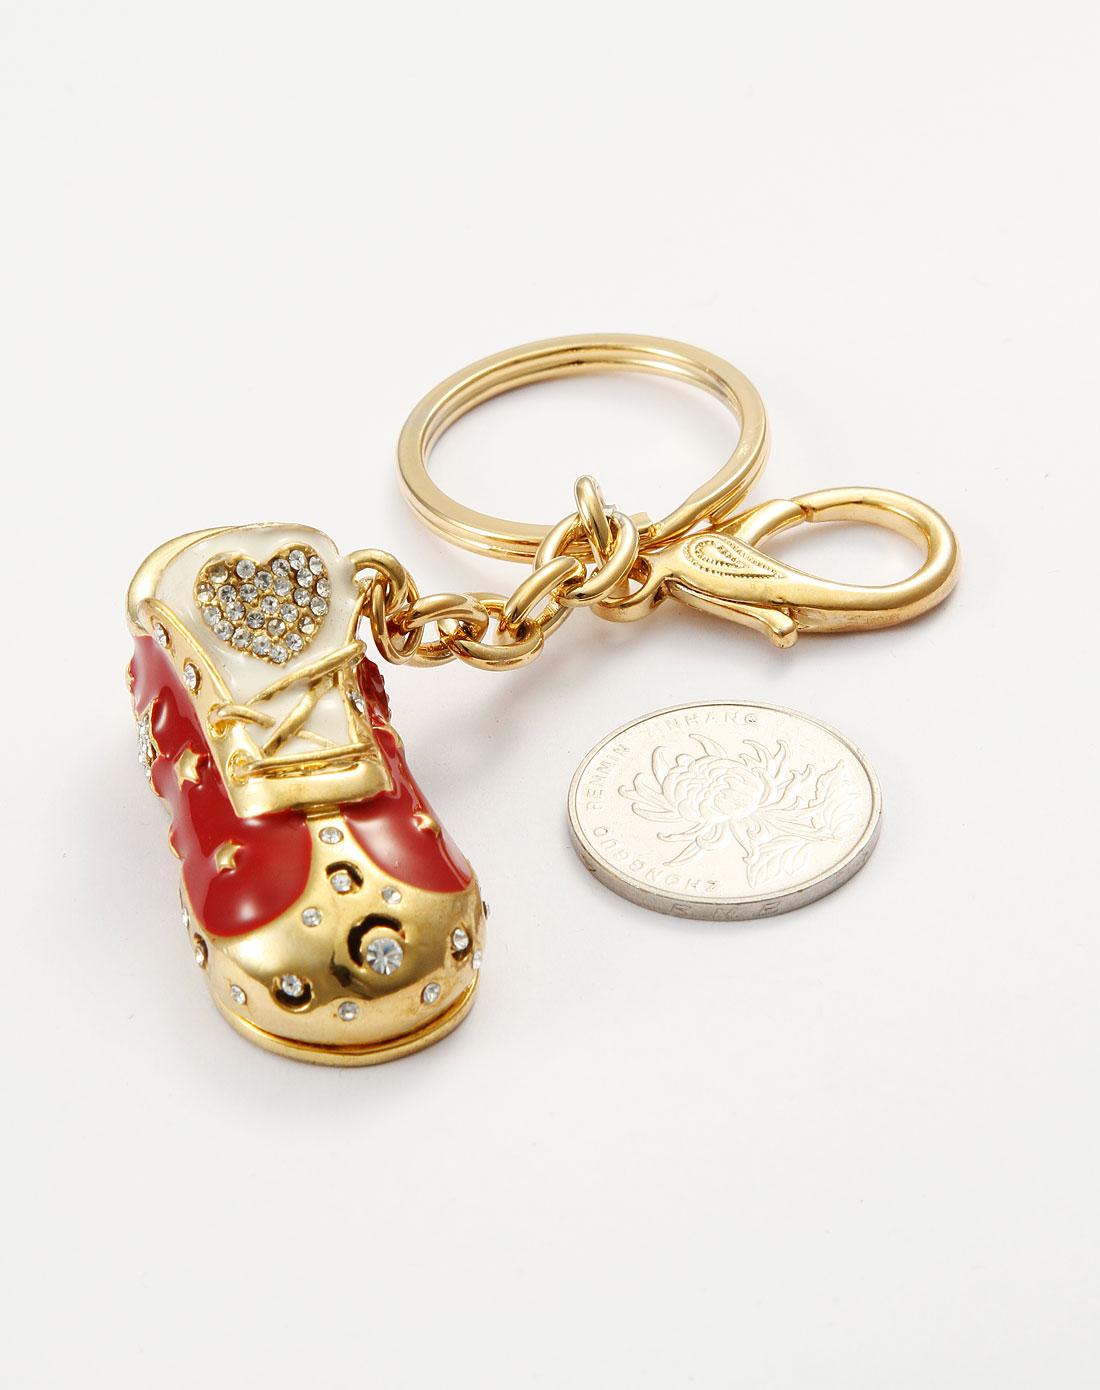 威妮华viennois可爱红色球鞋钥匙扣v123068l-003